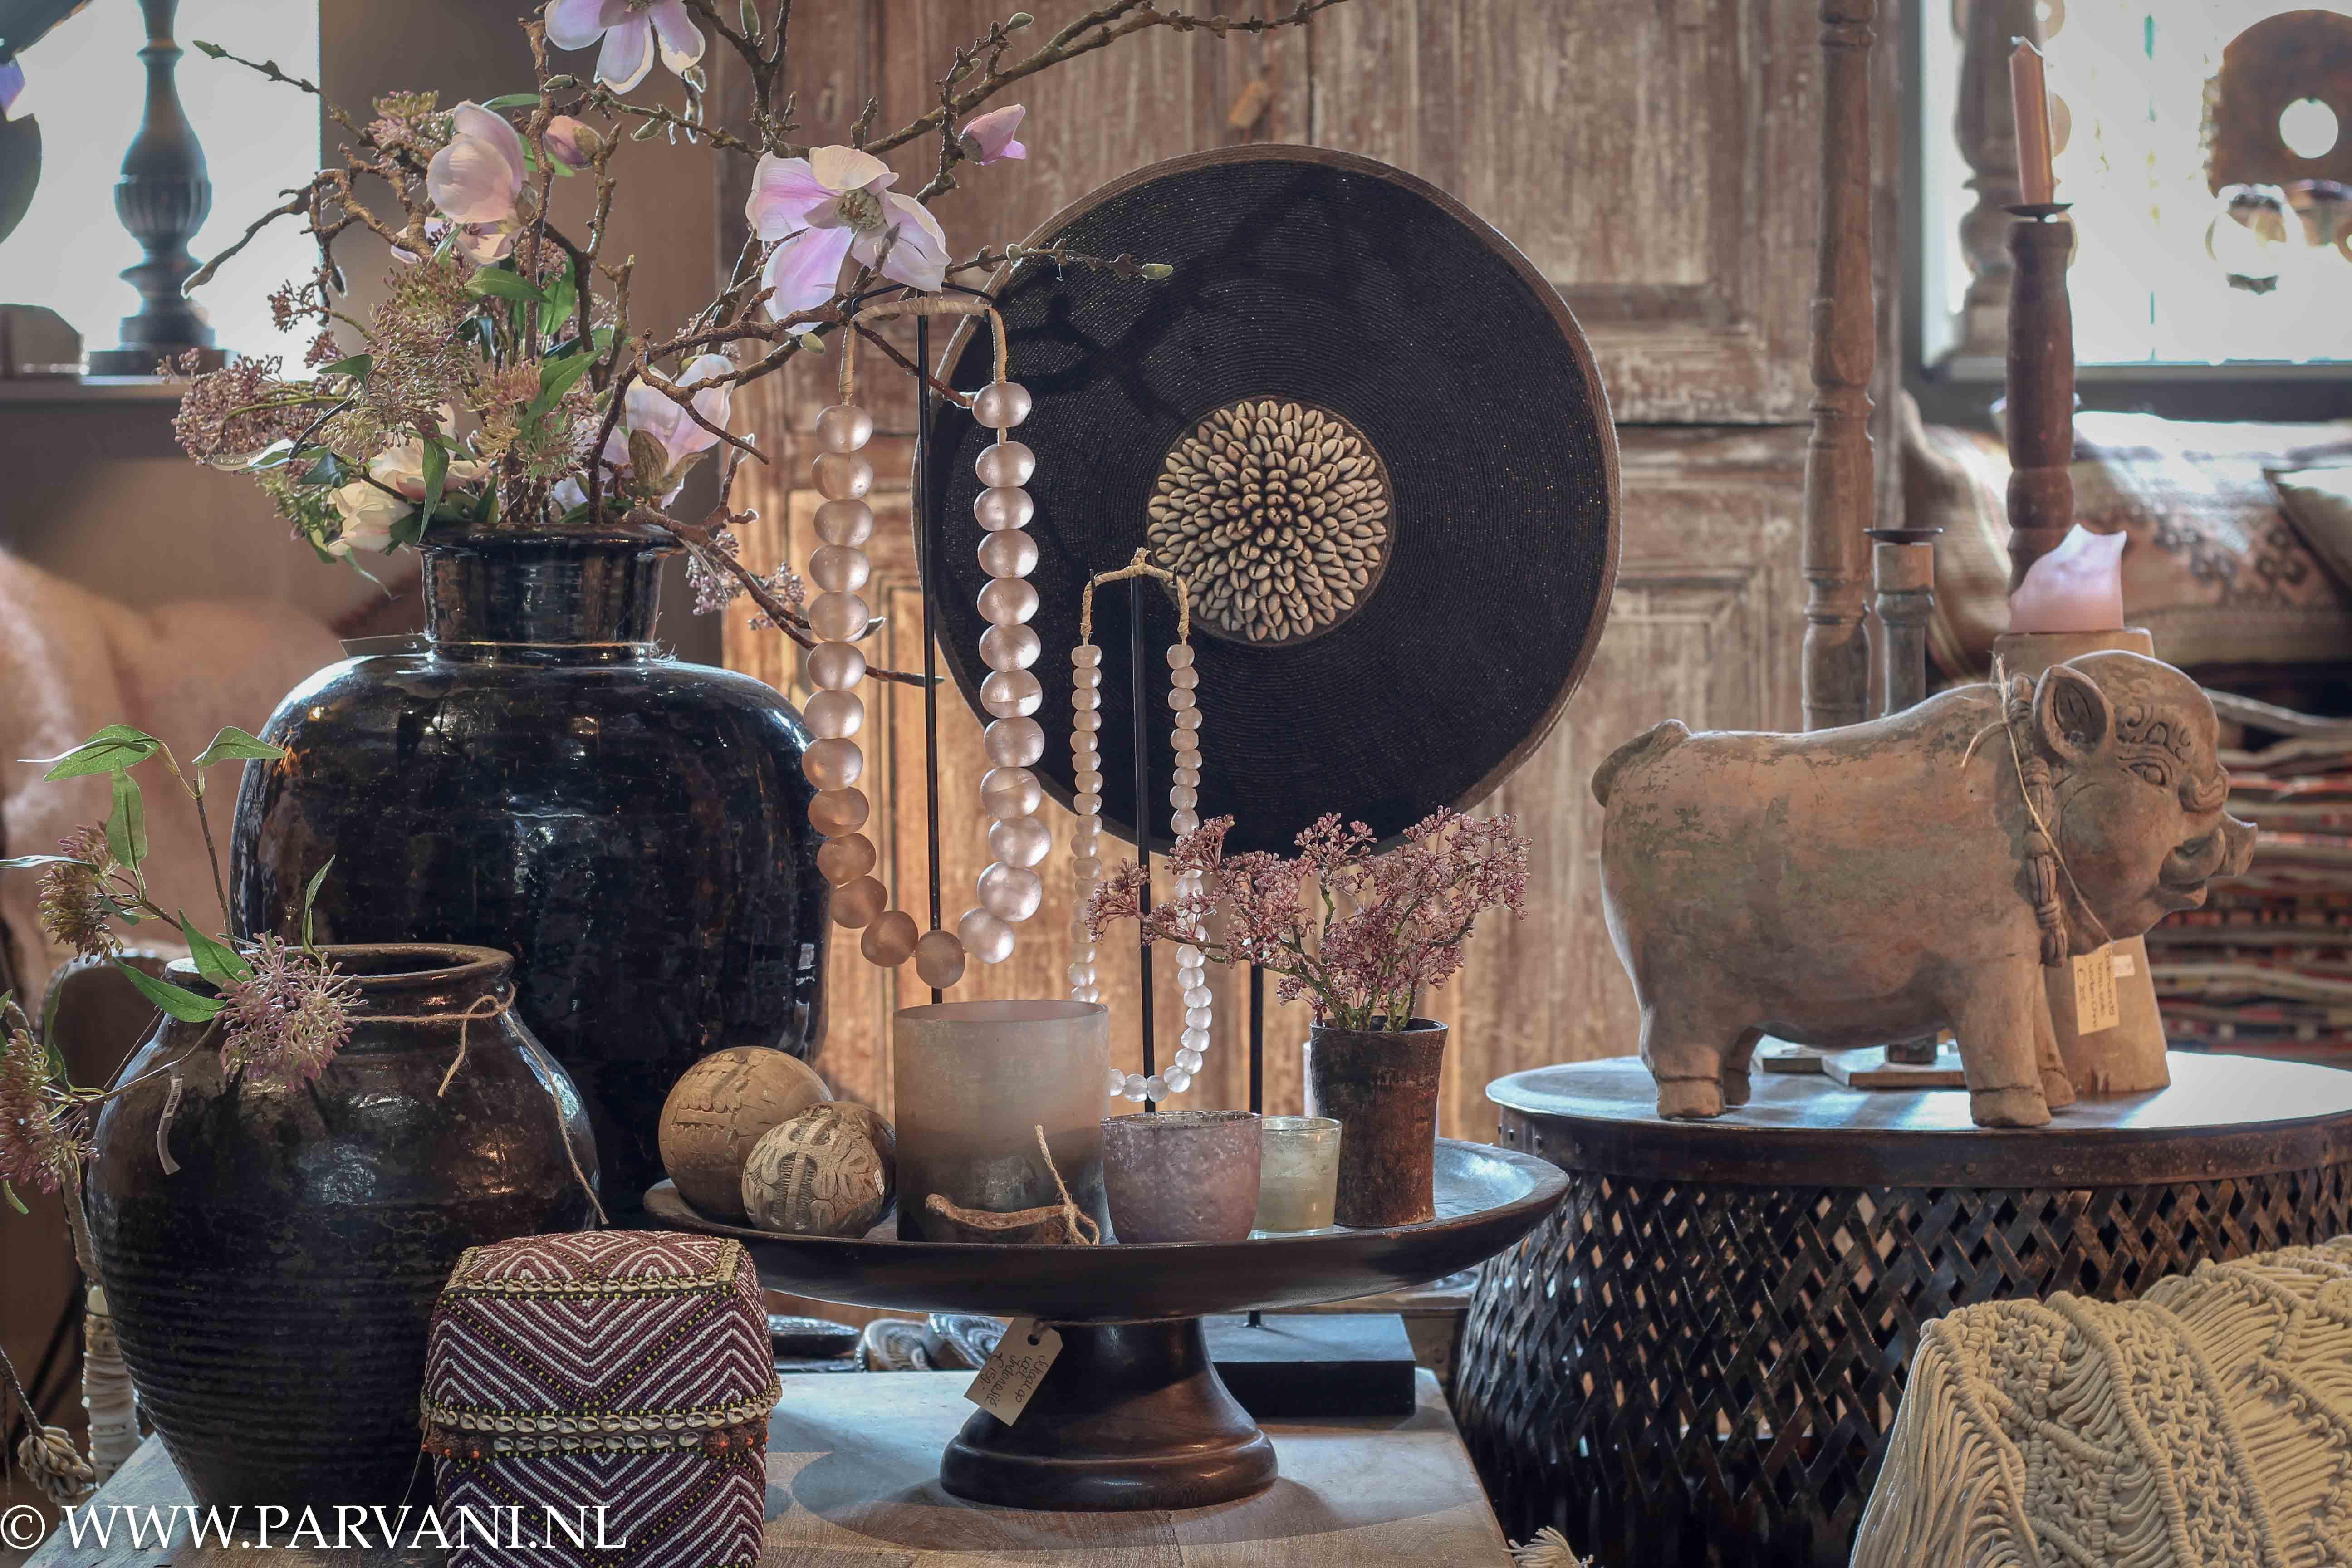 Chinees aardewerk potten, kralenketting op standaard, kralenmandjes, aardewerk varken